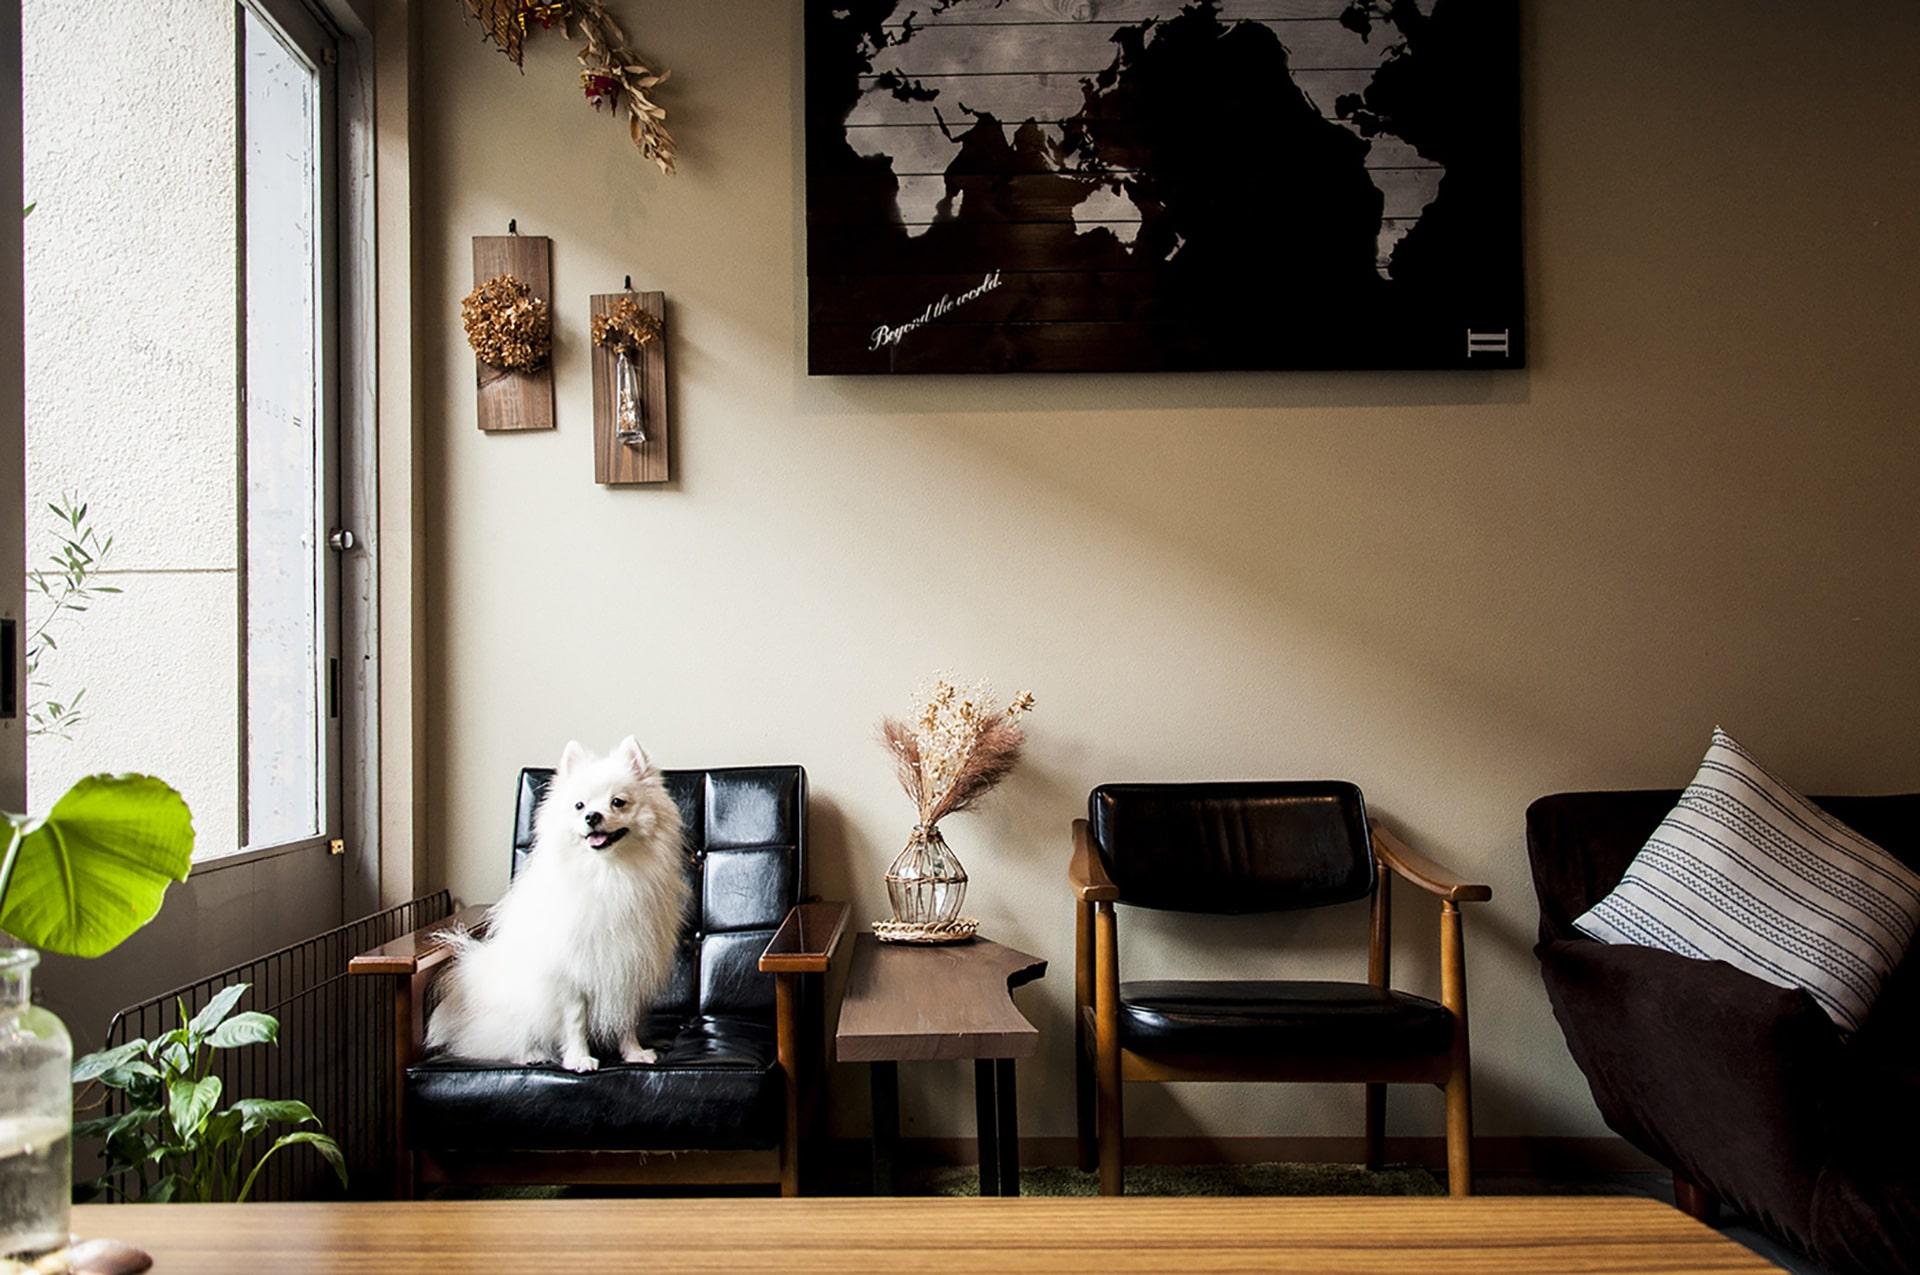 |京都|ゲストハウス|【食事補助1万円/月】犬好きおすすめ!オシャレホステルと京町家ゲストハウスの両方が経験できます!